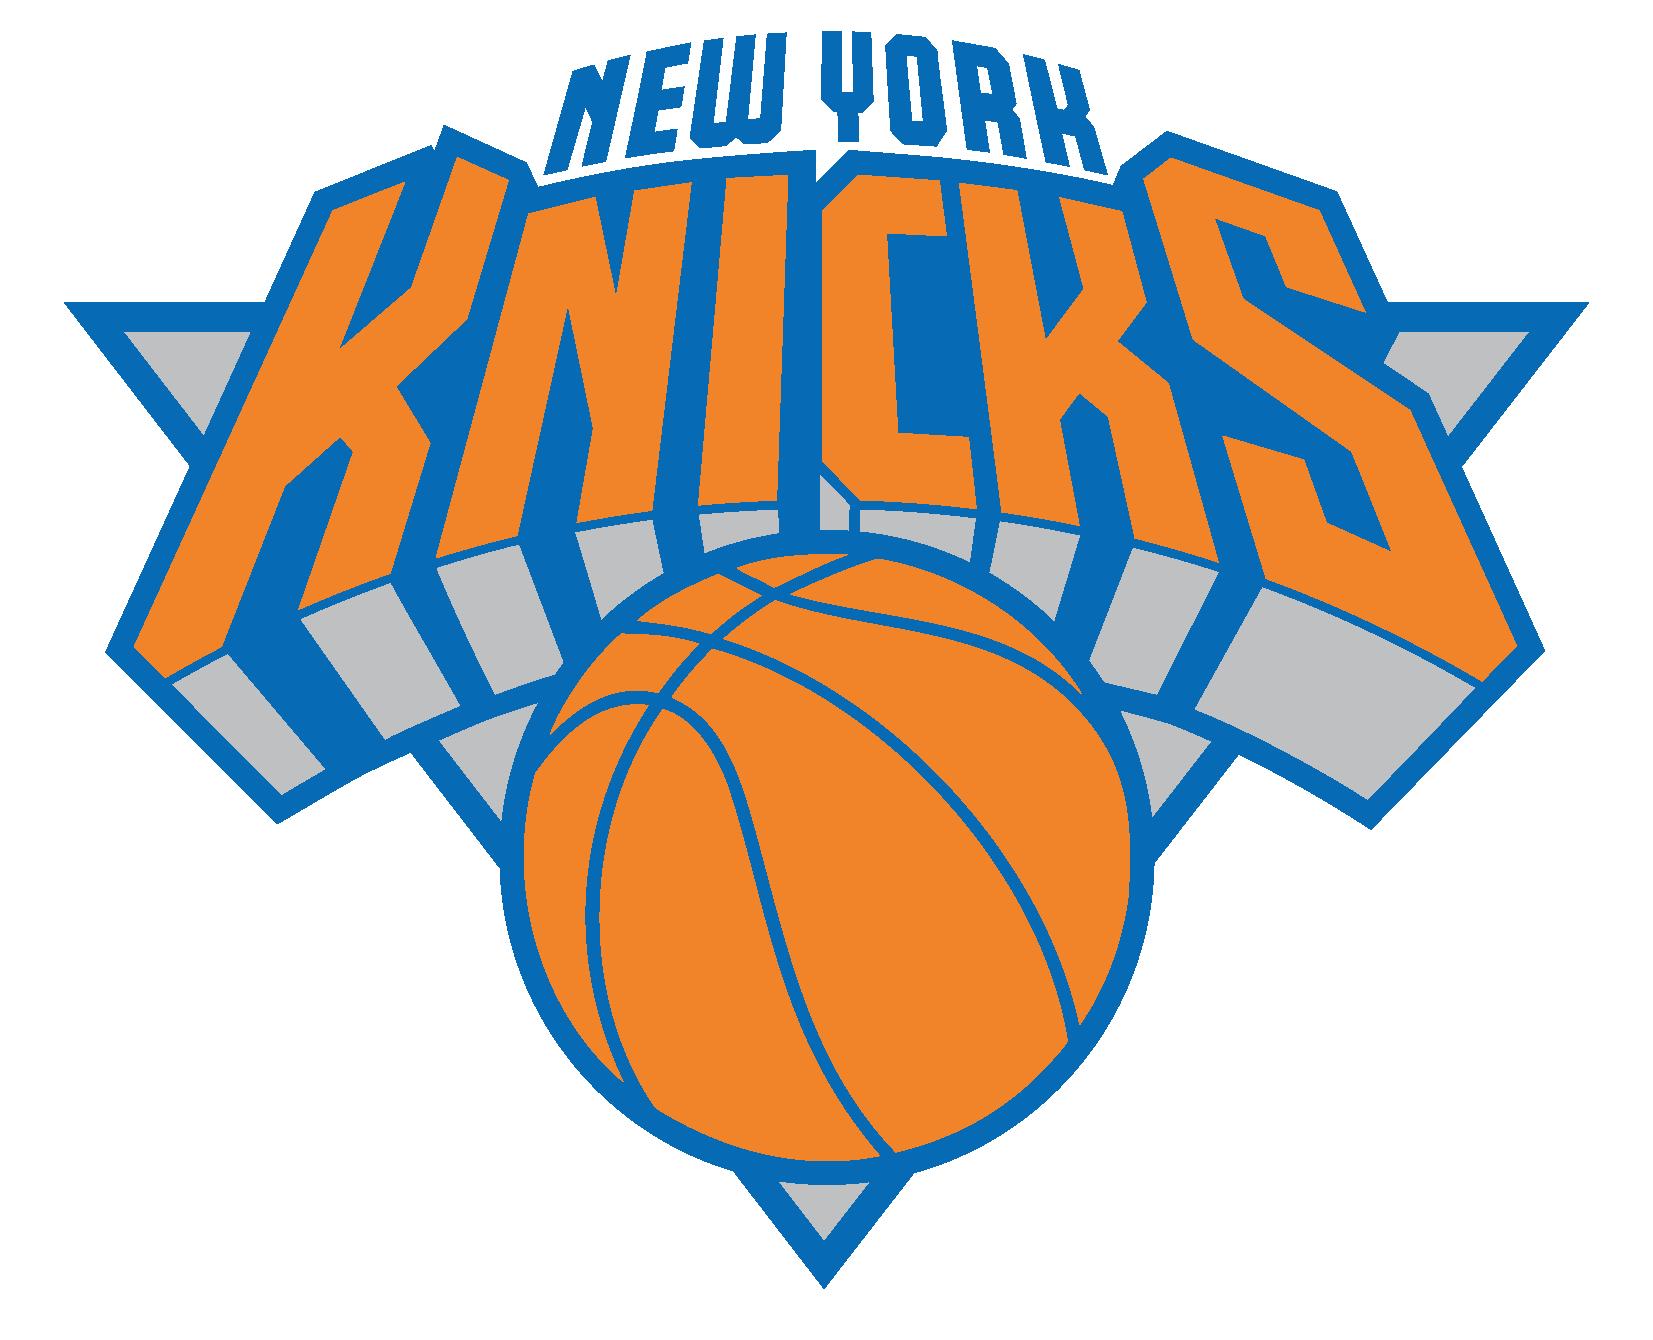 Viking vs cavalier basketball clipart vector black and white stock Knicks Logo [New York] Vector | NBA Team Logos | Pinterest | NBA vector black and white stock